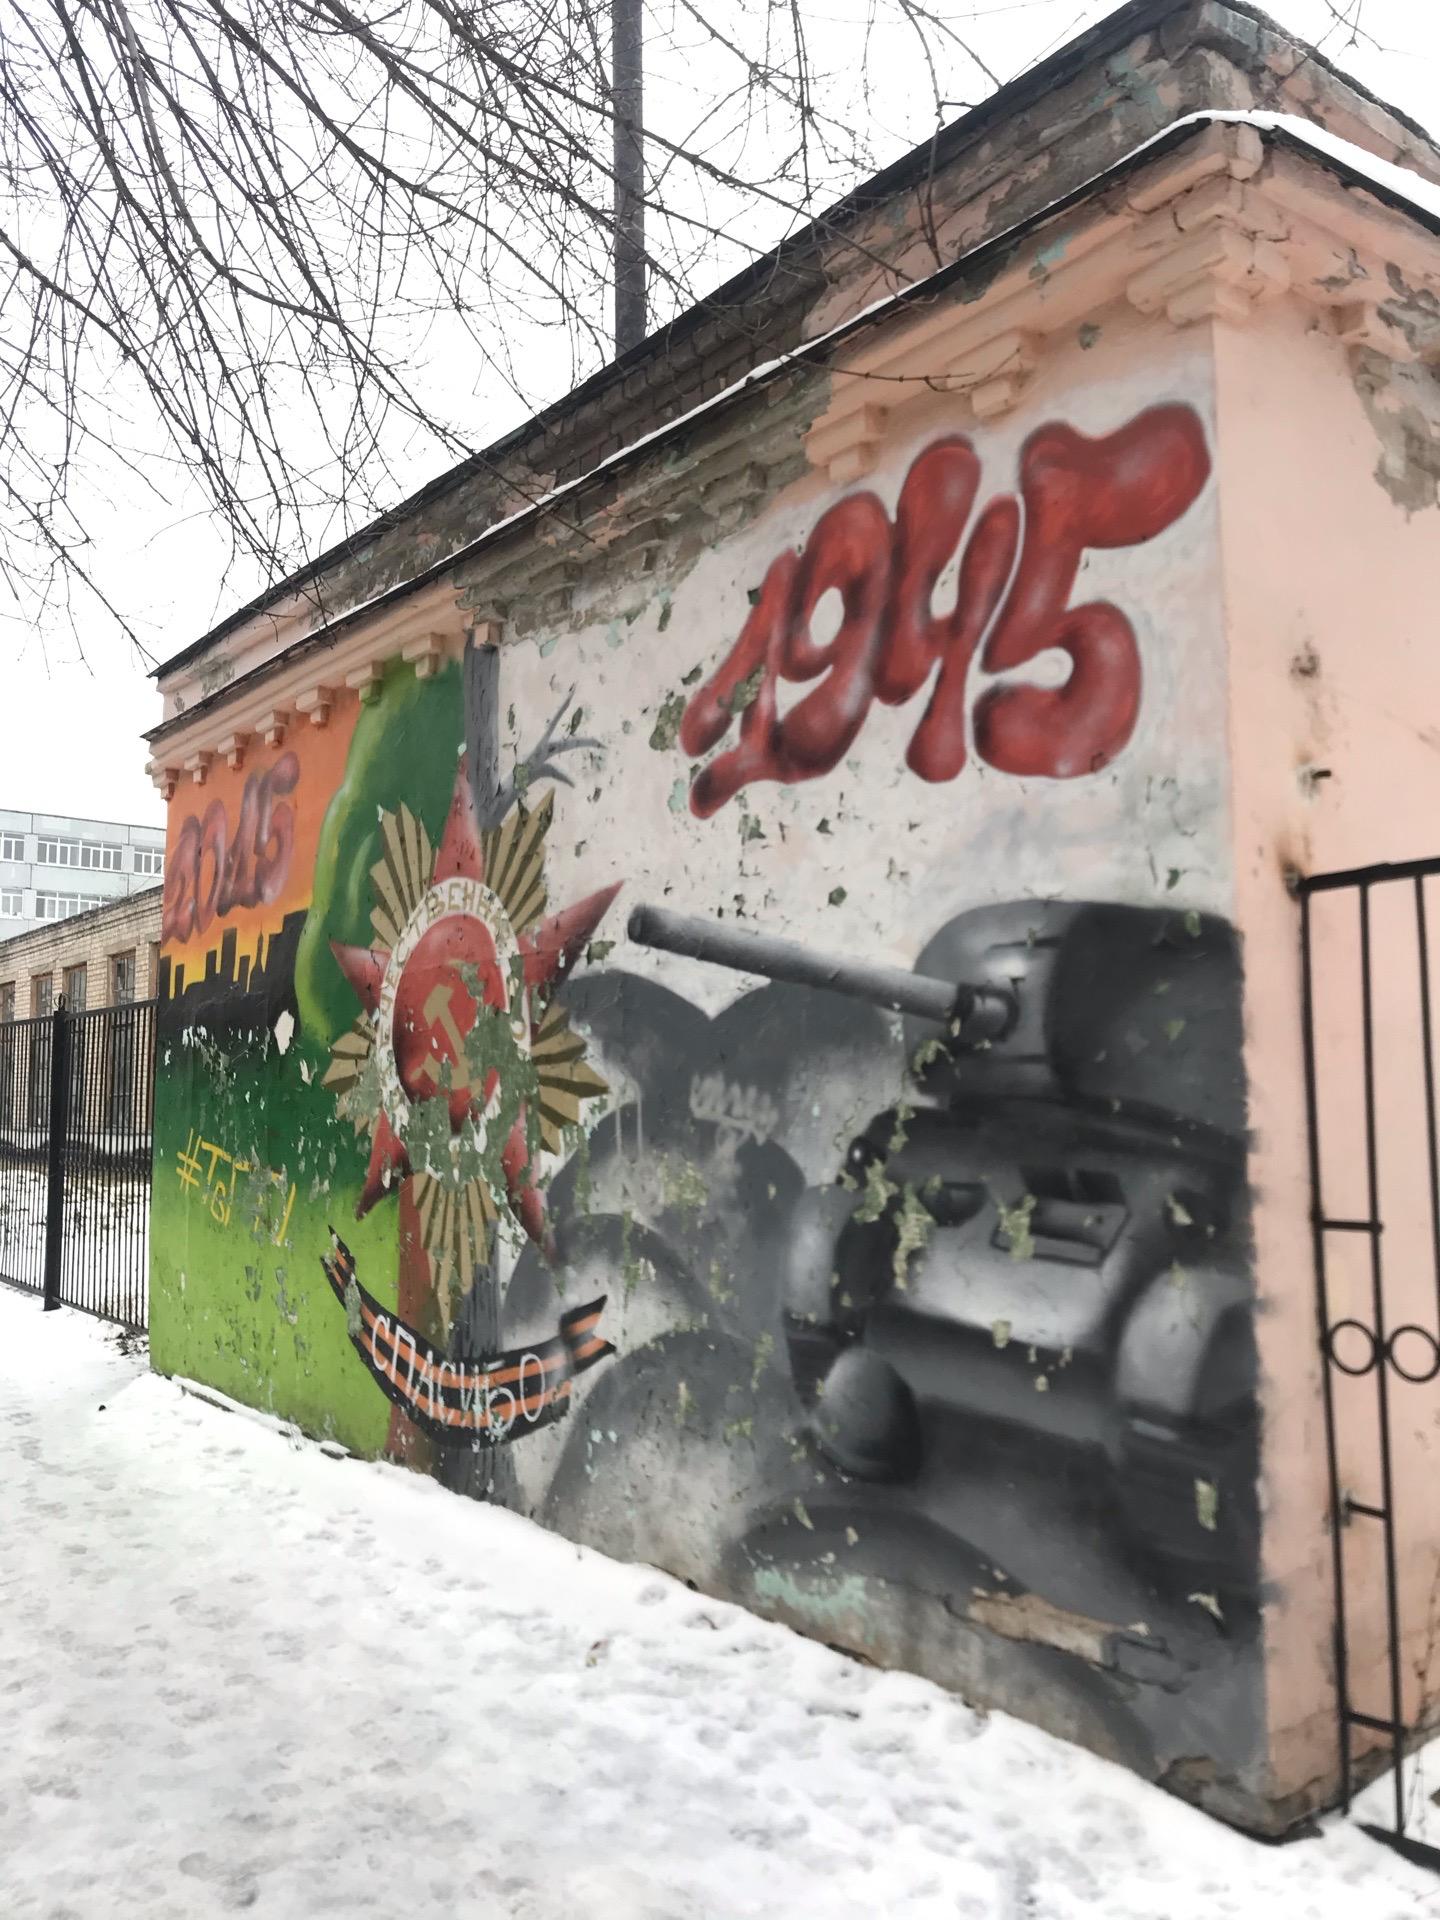 В Твери ищут идеи для военно-патриотического граффити